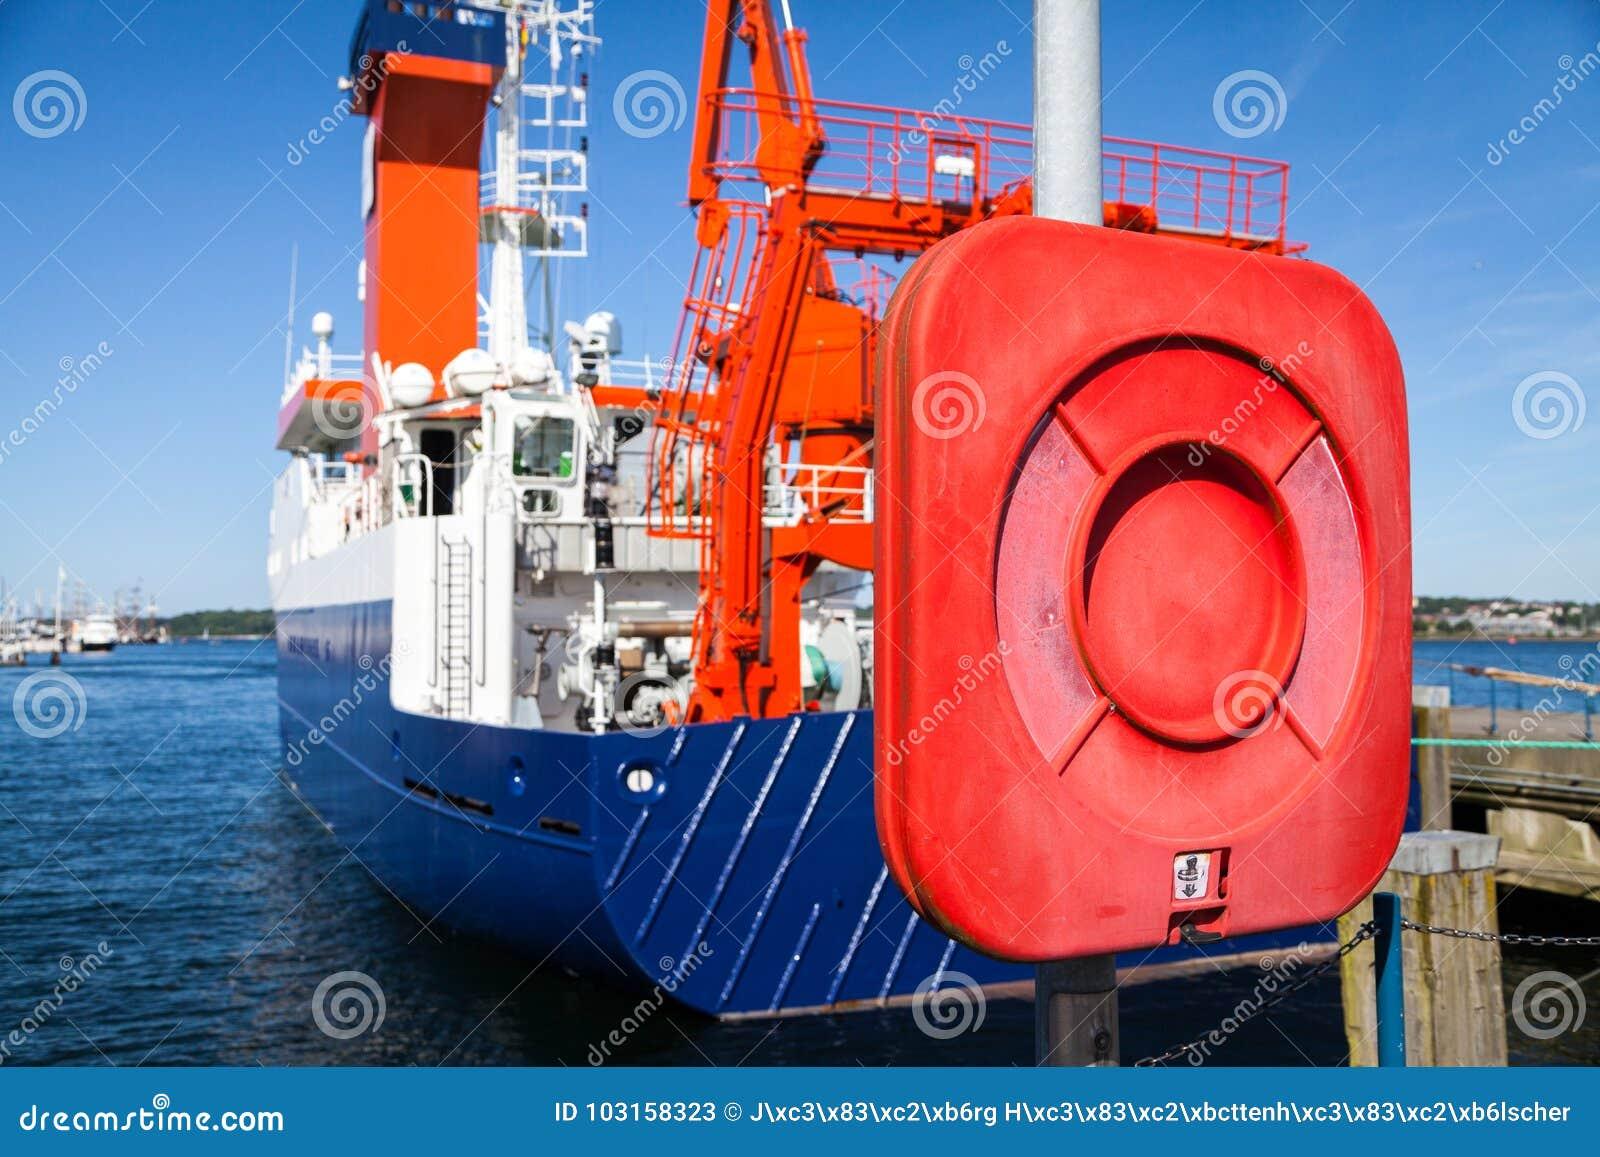 Skrzynka lifebelt blisko statku